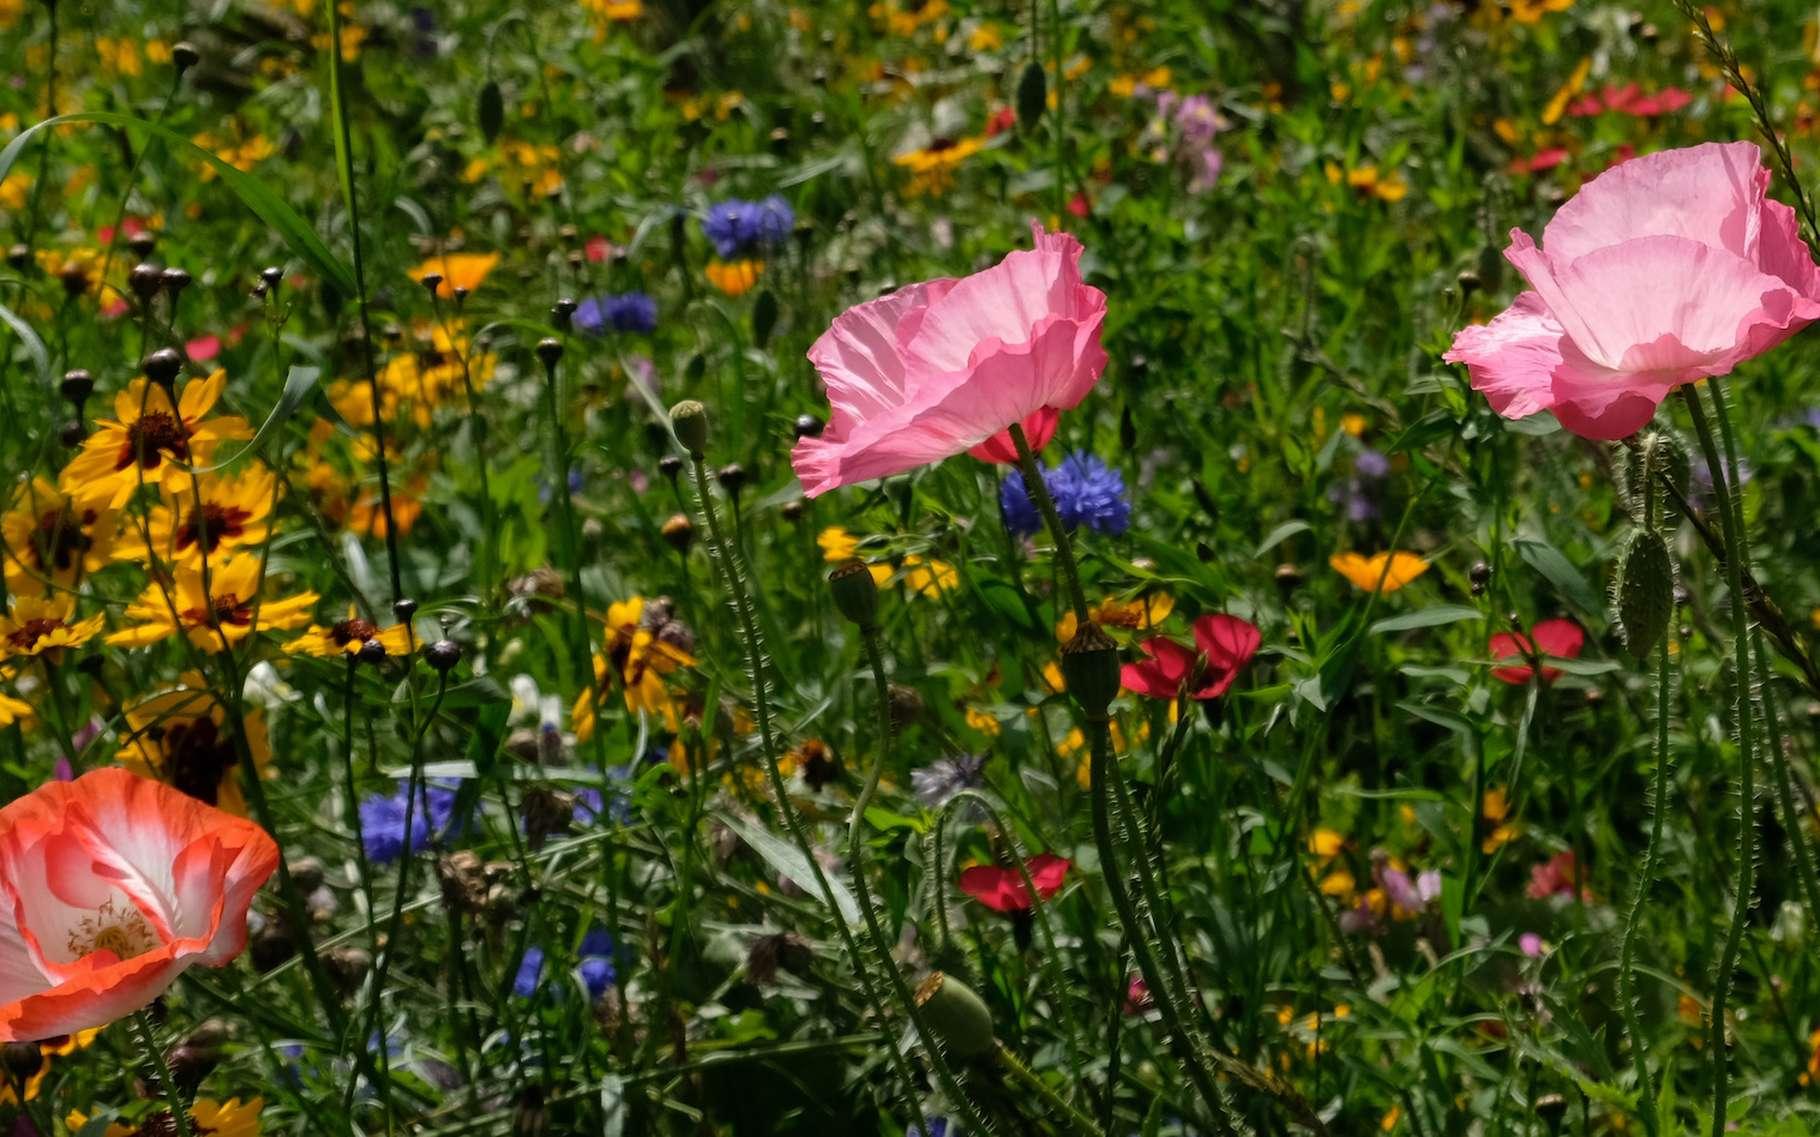 Selon les chercheurs, le secret des hotspots de biodiversité résiderait dans une exceptionnelle stabilité climatique. © Lois GoBe, Adobe Stock